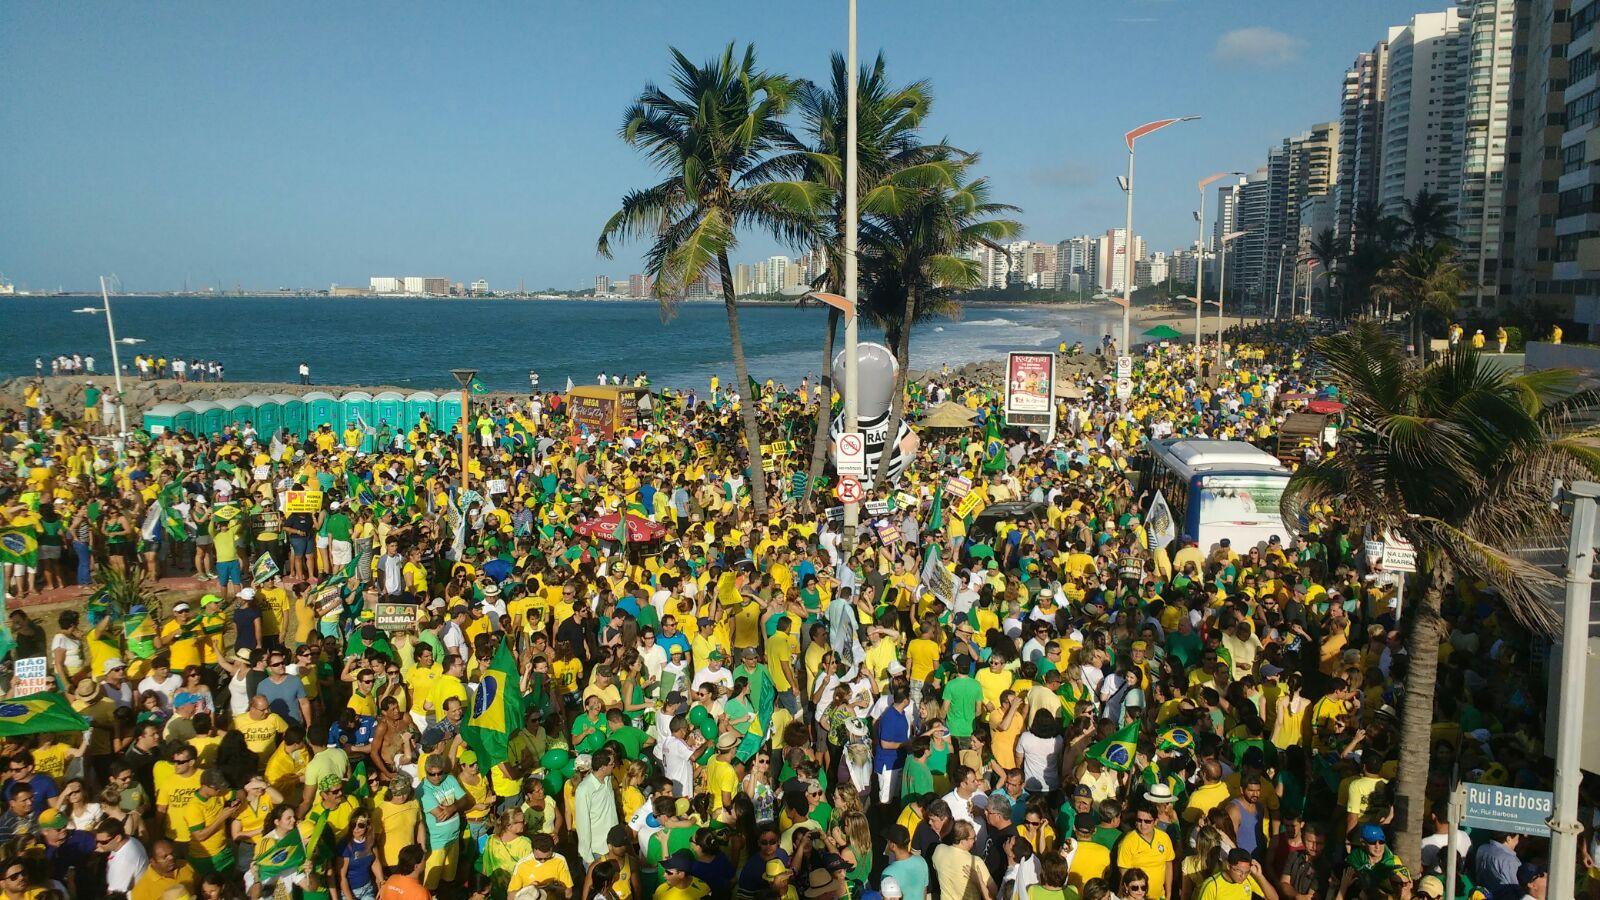 Organizadores estimaram a presença de 150 mil pessoas, mas a Polícia não confirmou o número. (FOTO: Tribuna do Ceará)